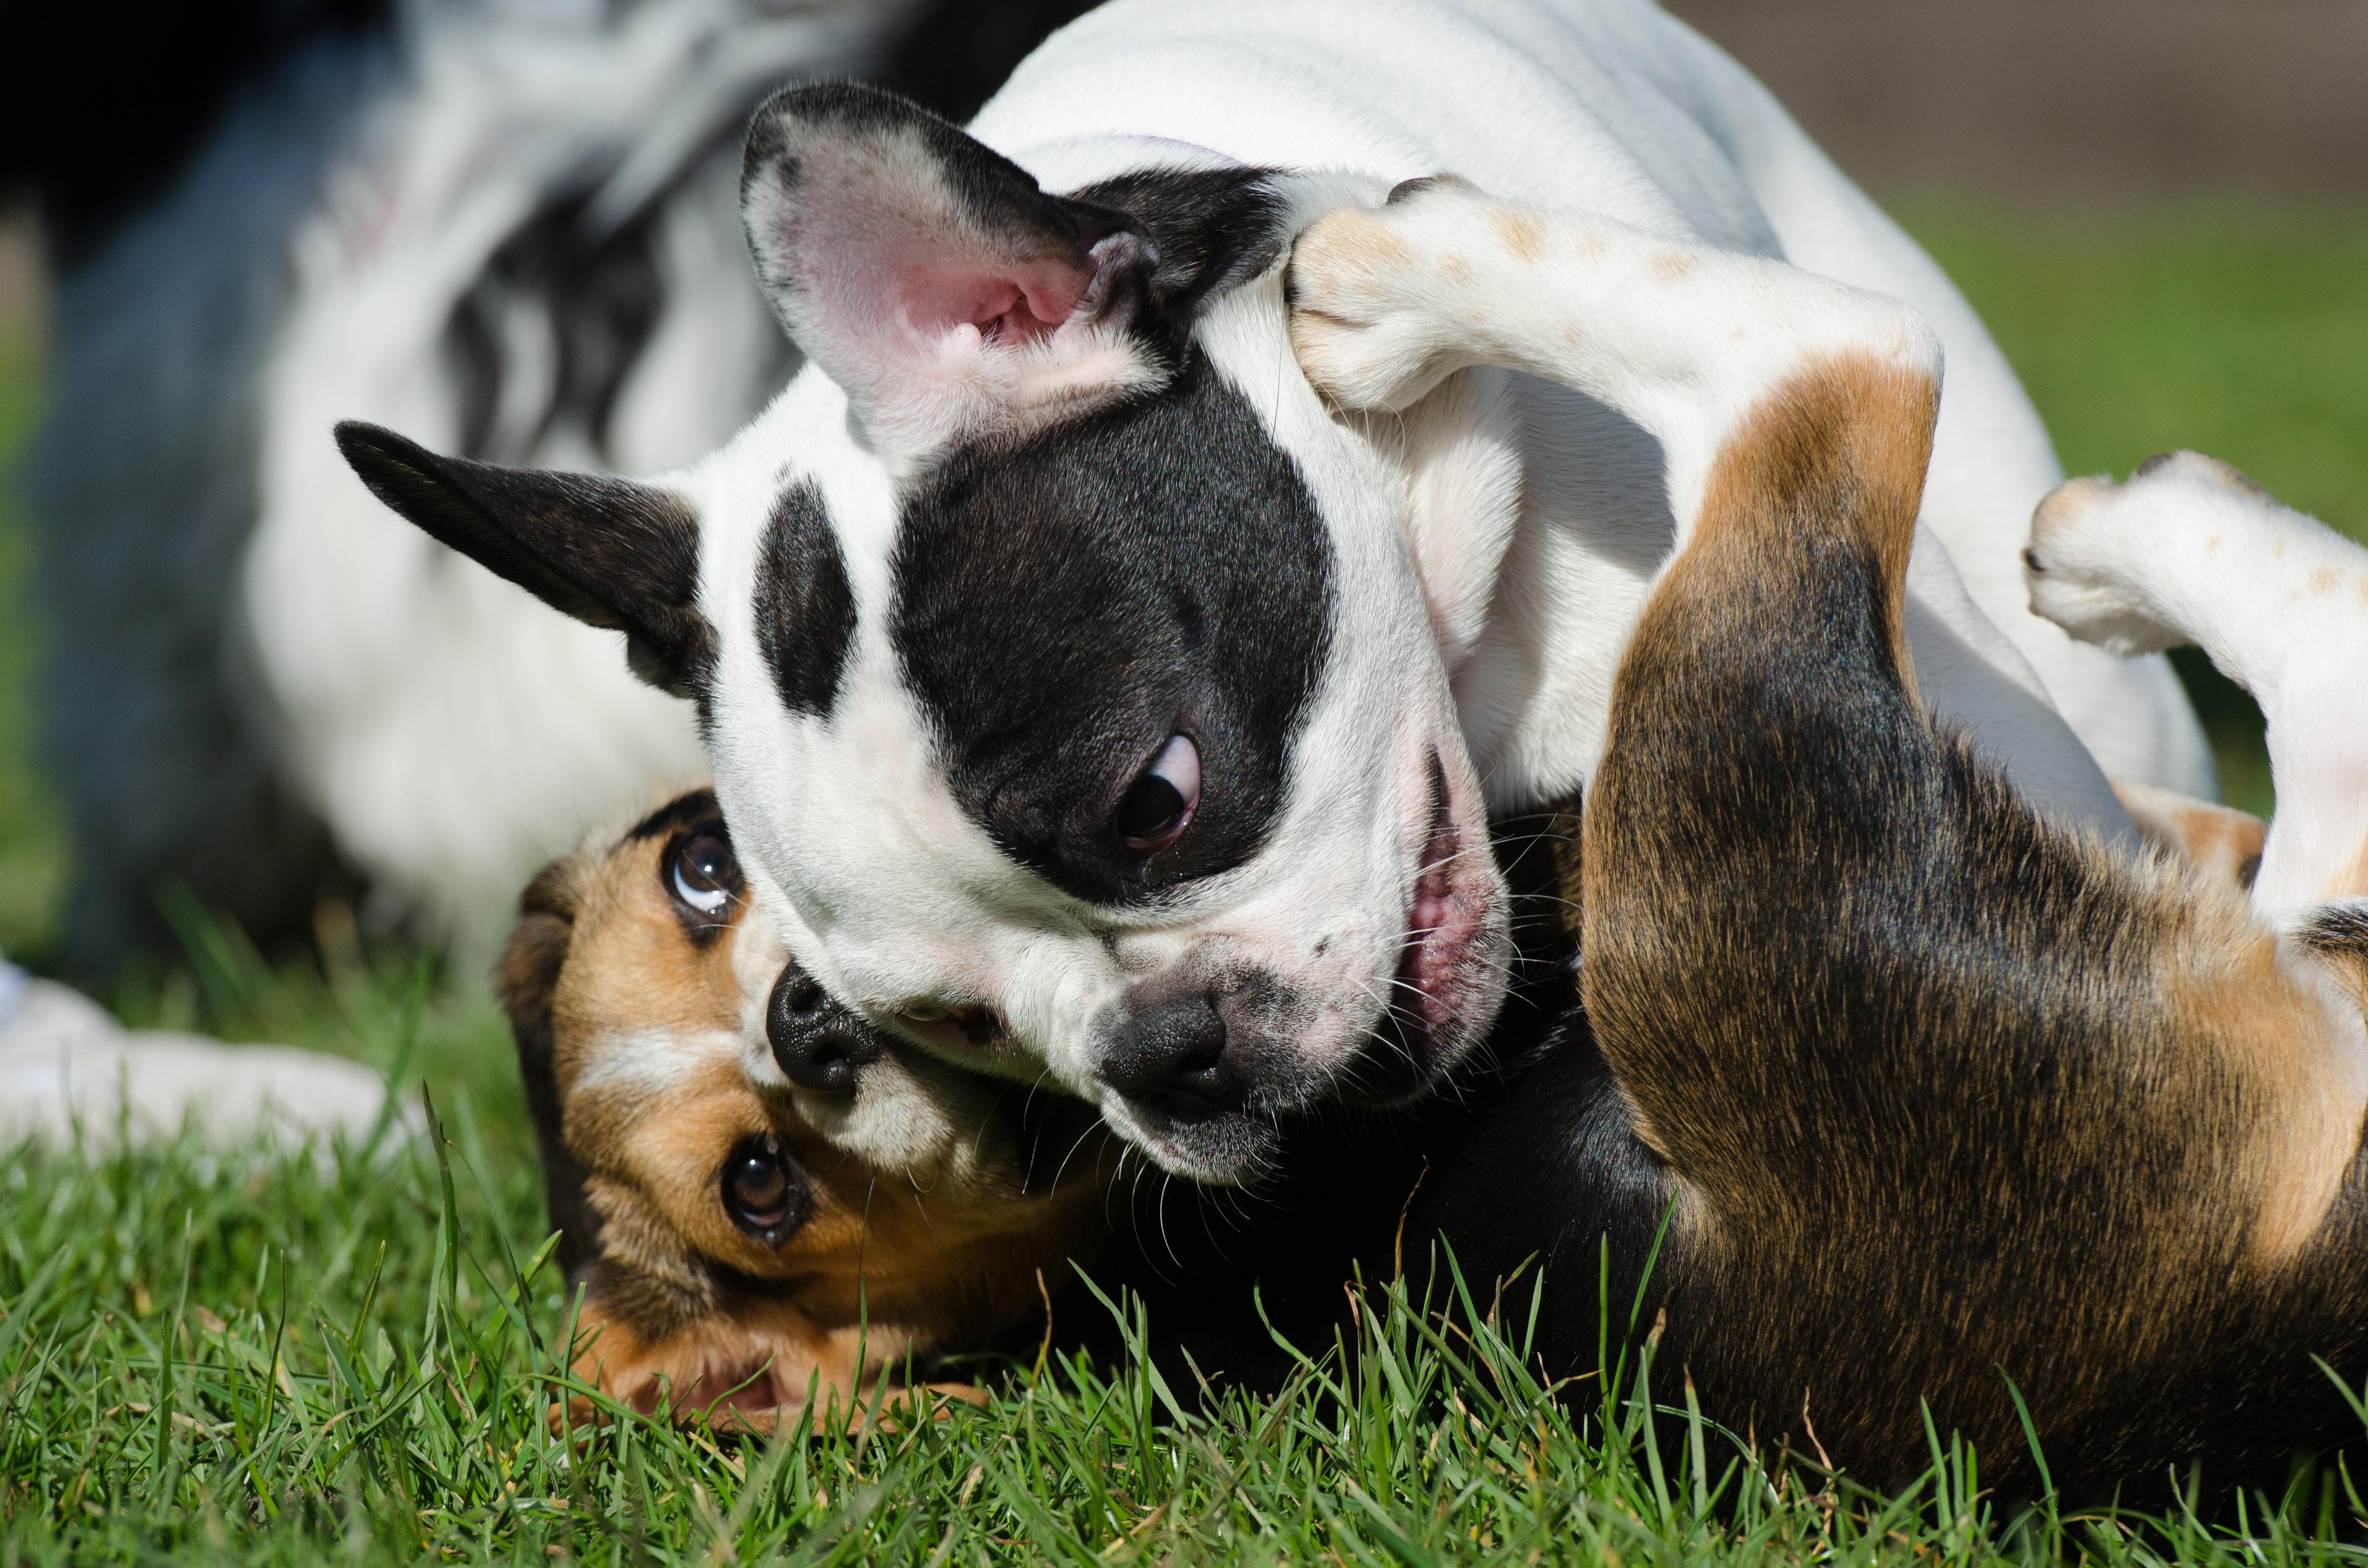 free images   summer  hunting dog  vertebrate  beagle  french bulldog  dog breed  nice weather